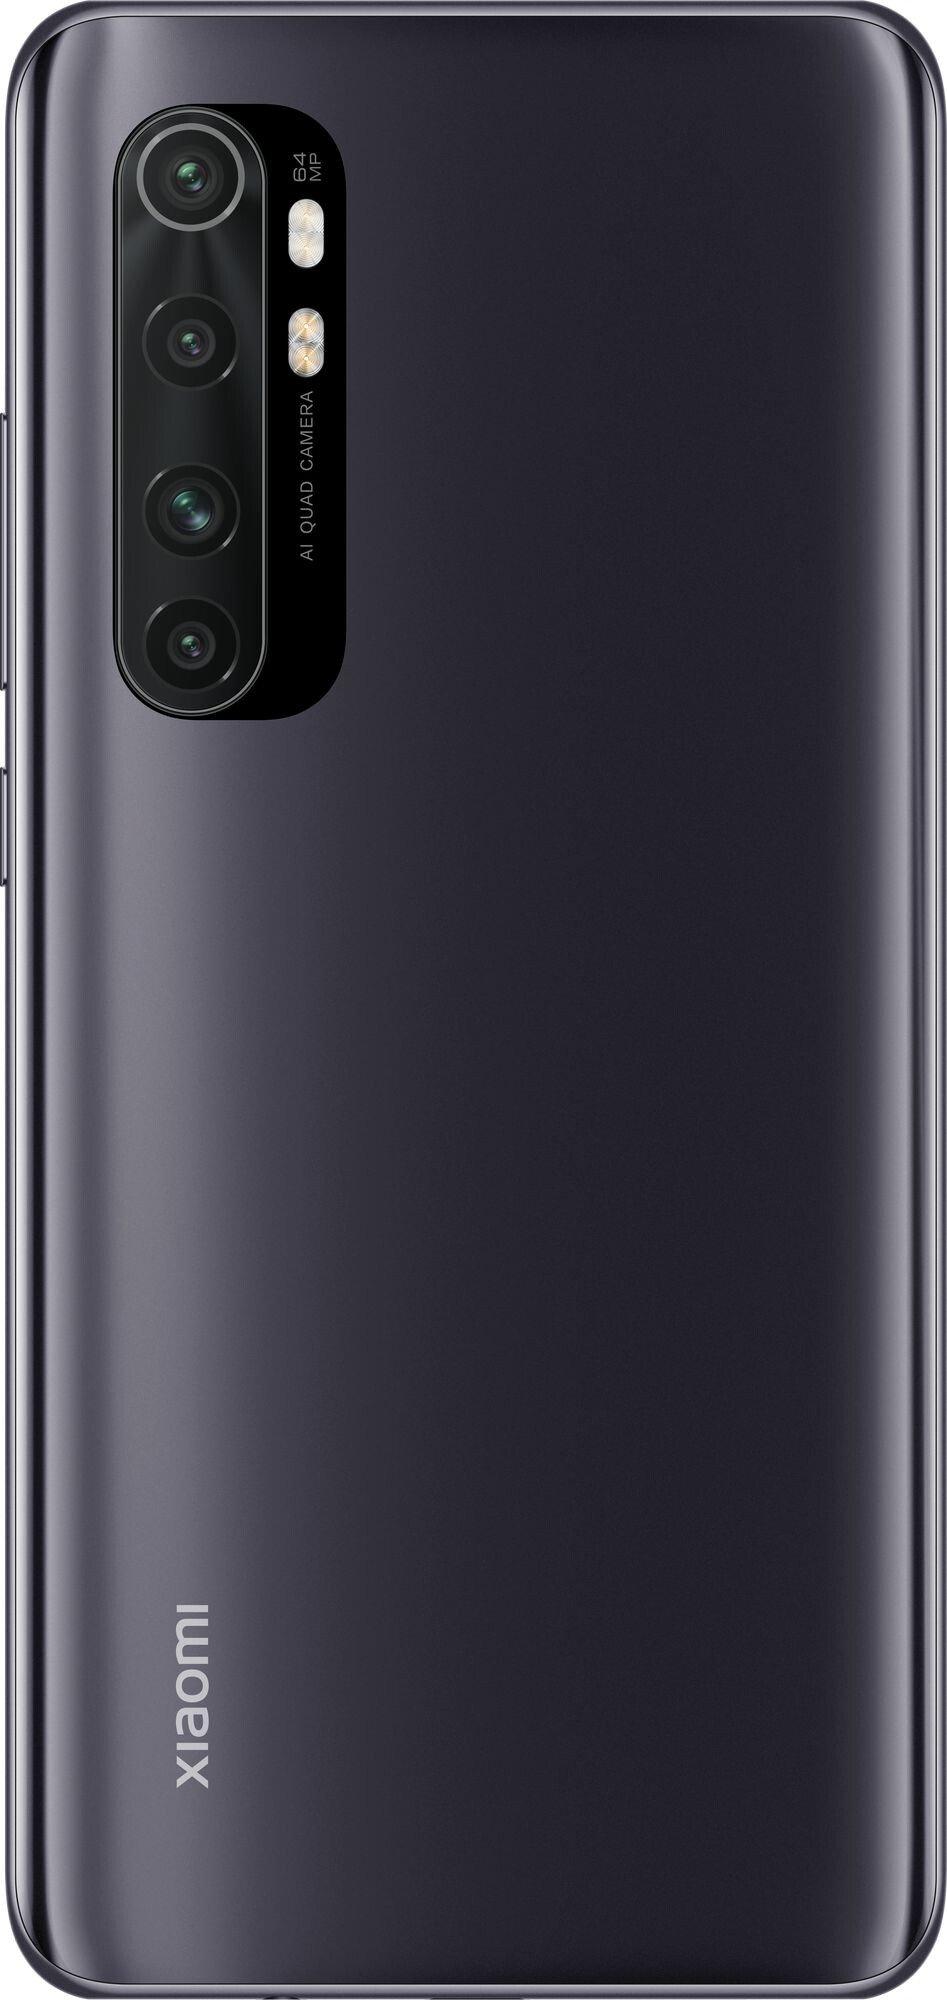 Xiaomi Mi Note 10 Lite 6/64GB BLACK - 3